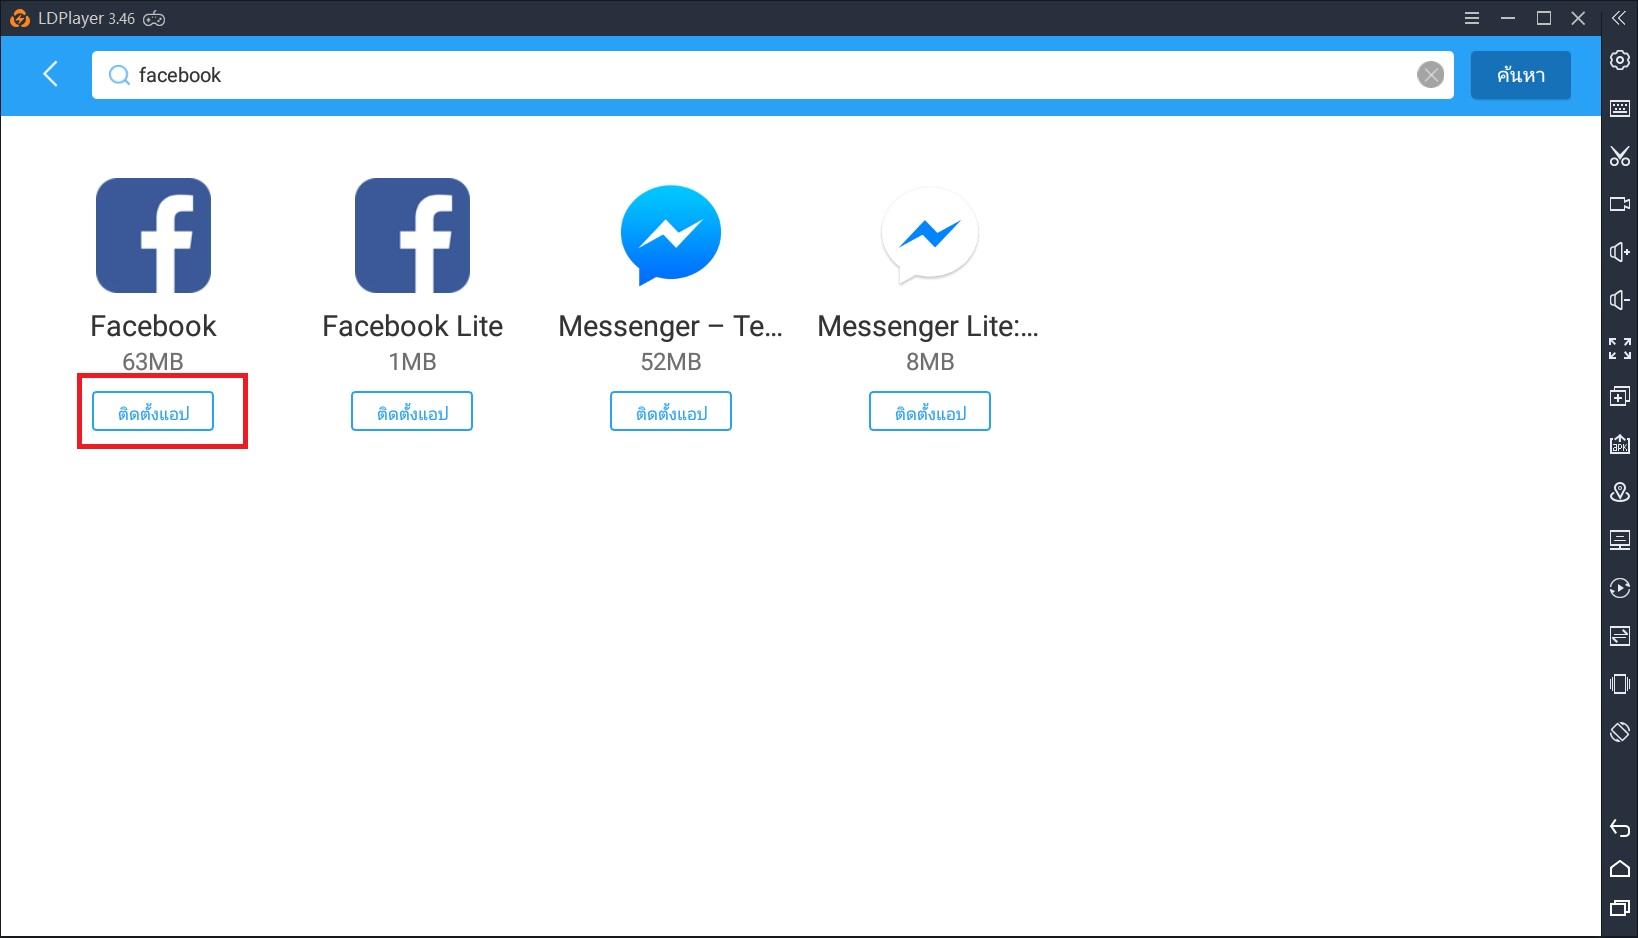 ใช้เฟซบุ๊ค WhatsApp หรืออินสตาเเกรมบน LDPlayer อย่างไร (ยกเฟซบุ๊คเป็นตัวอย่าง)